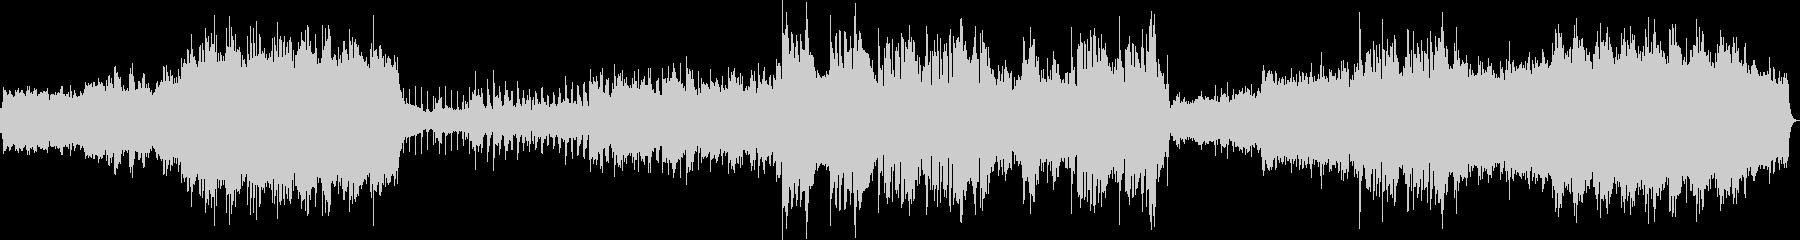 オルガンの教会音楽からのバラードの未再生の波形